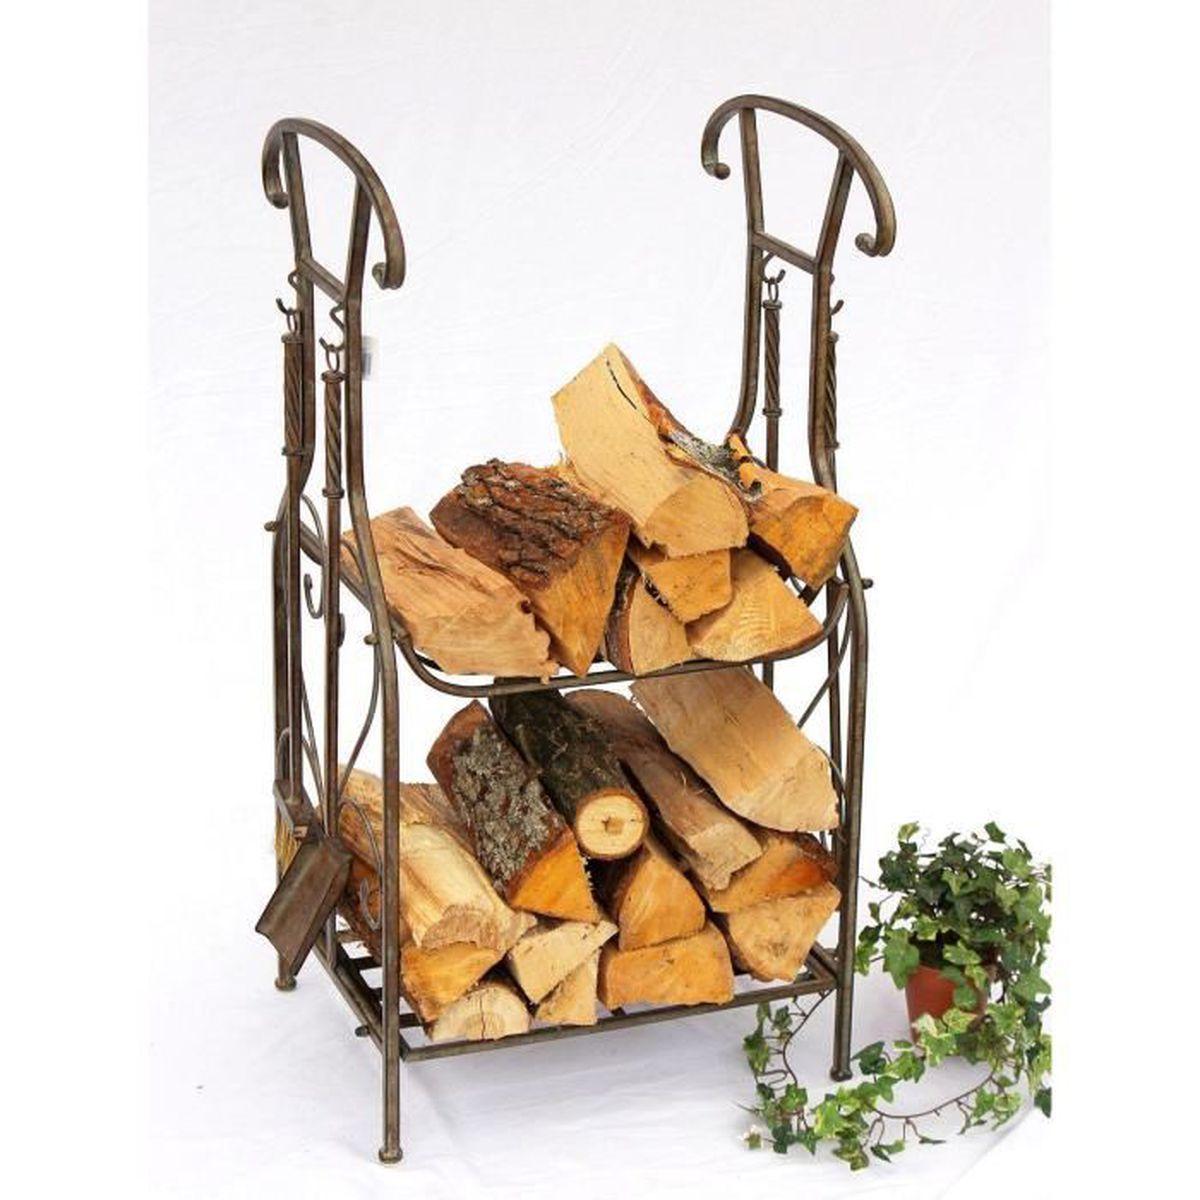 dandibo etagère bois de cheminée avec ustensiles pour cheminée